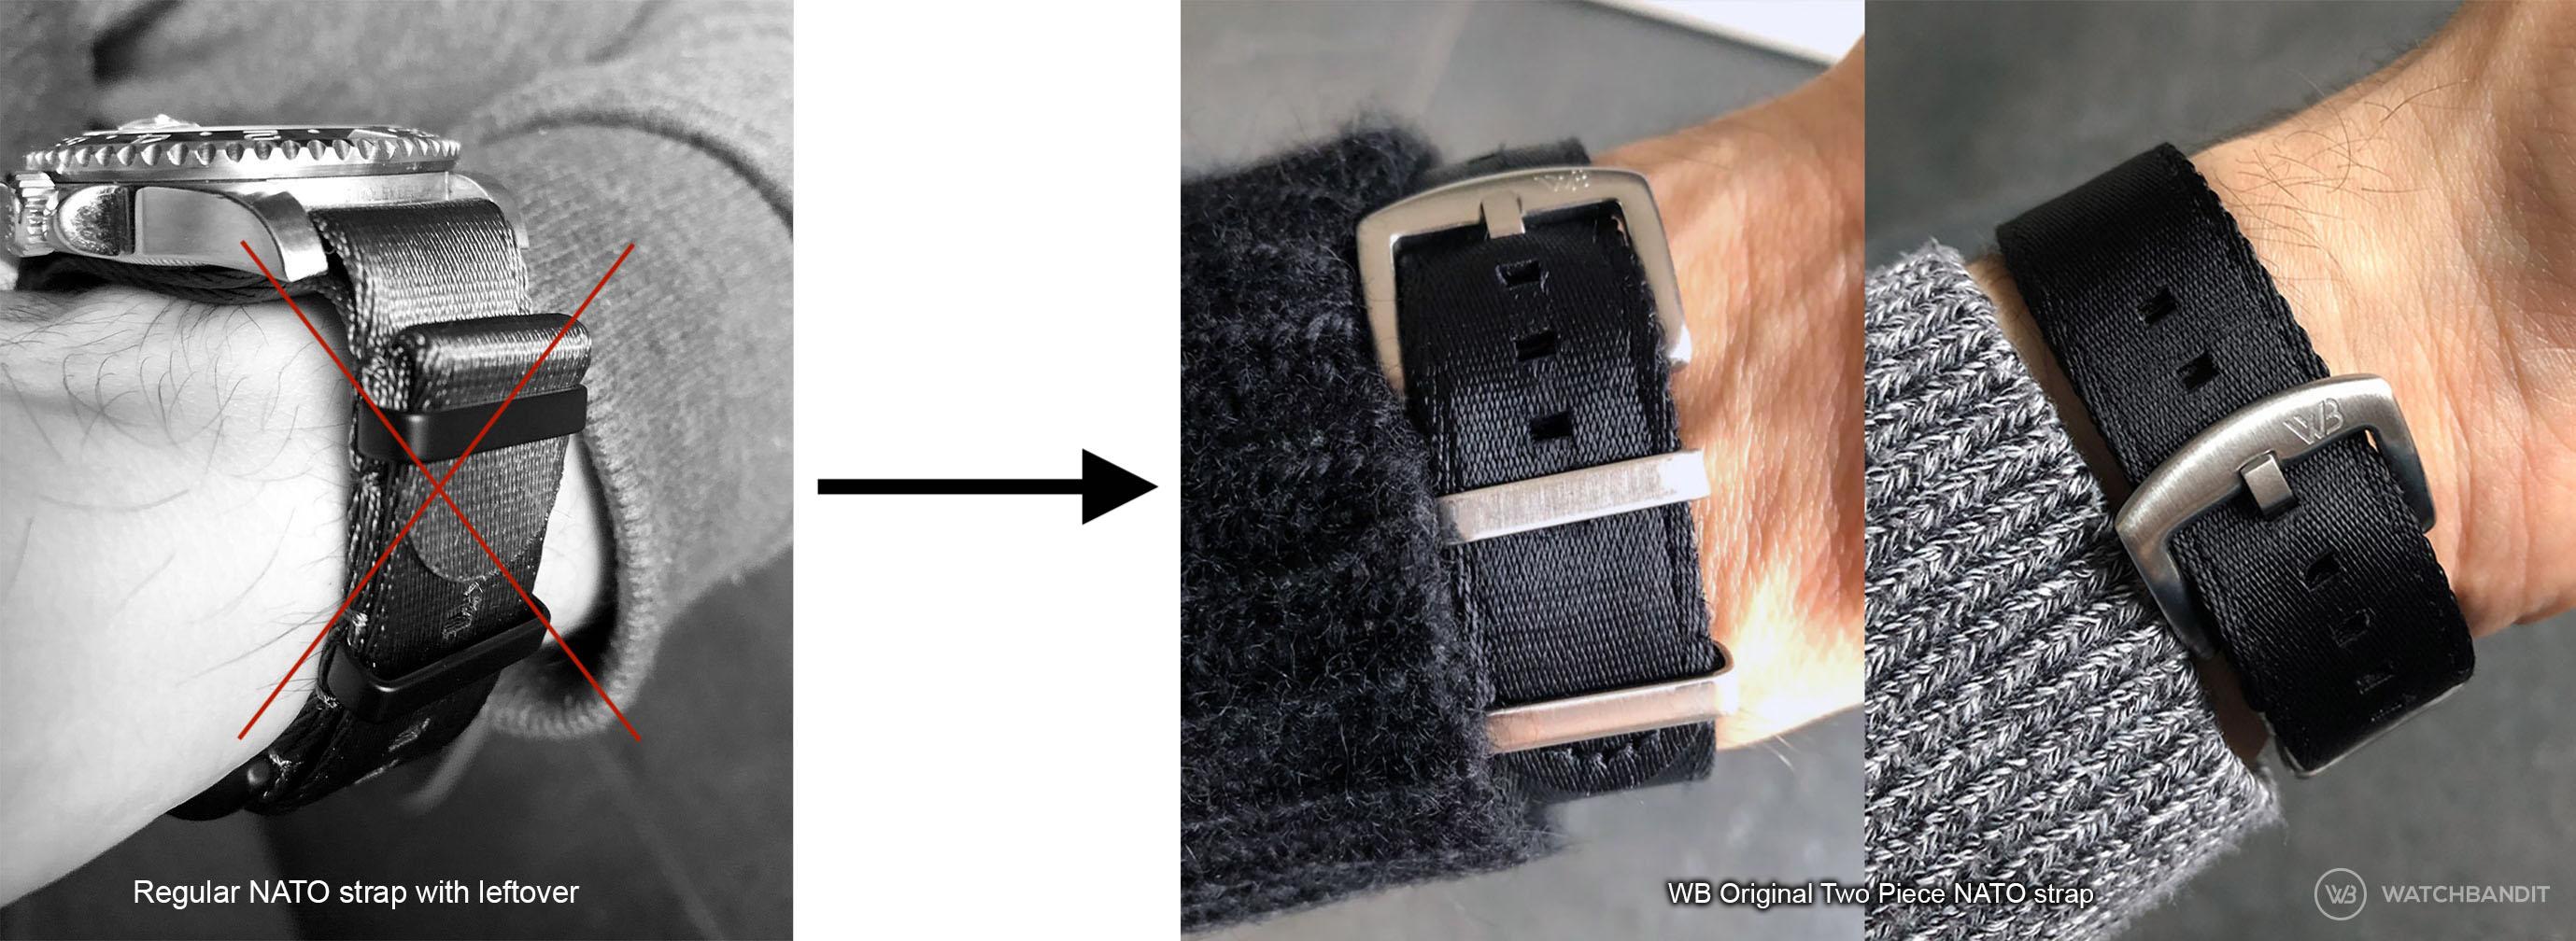 Reguläres NATO Uhrenarmband mit Überbleibsel im Vergleich zu einem zweiteiligen NATO Armband two piece NATO von Watchbandit